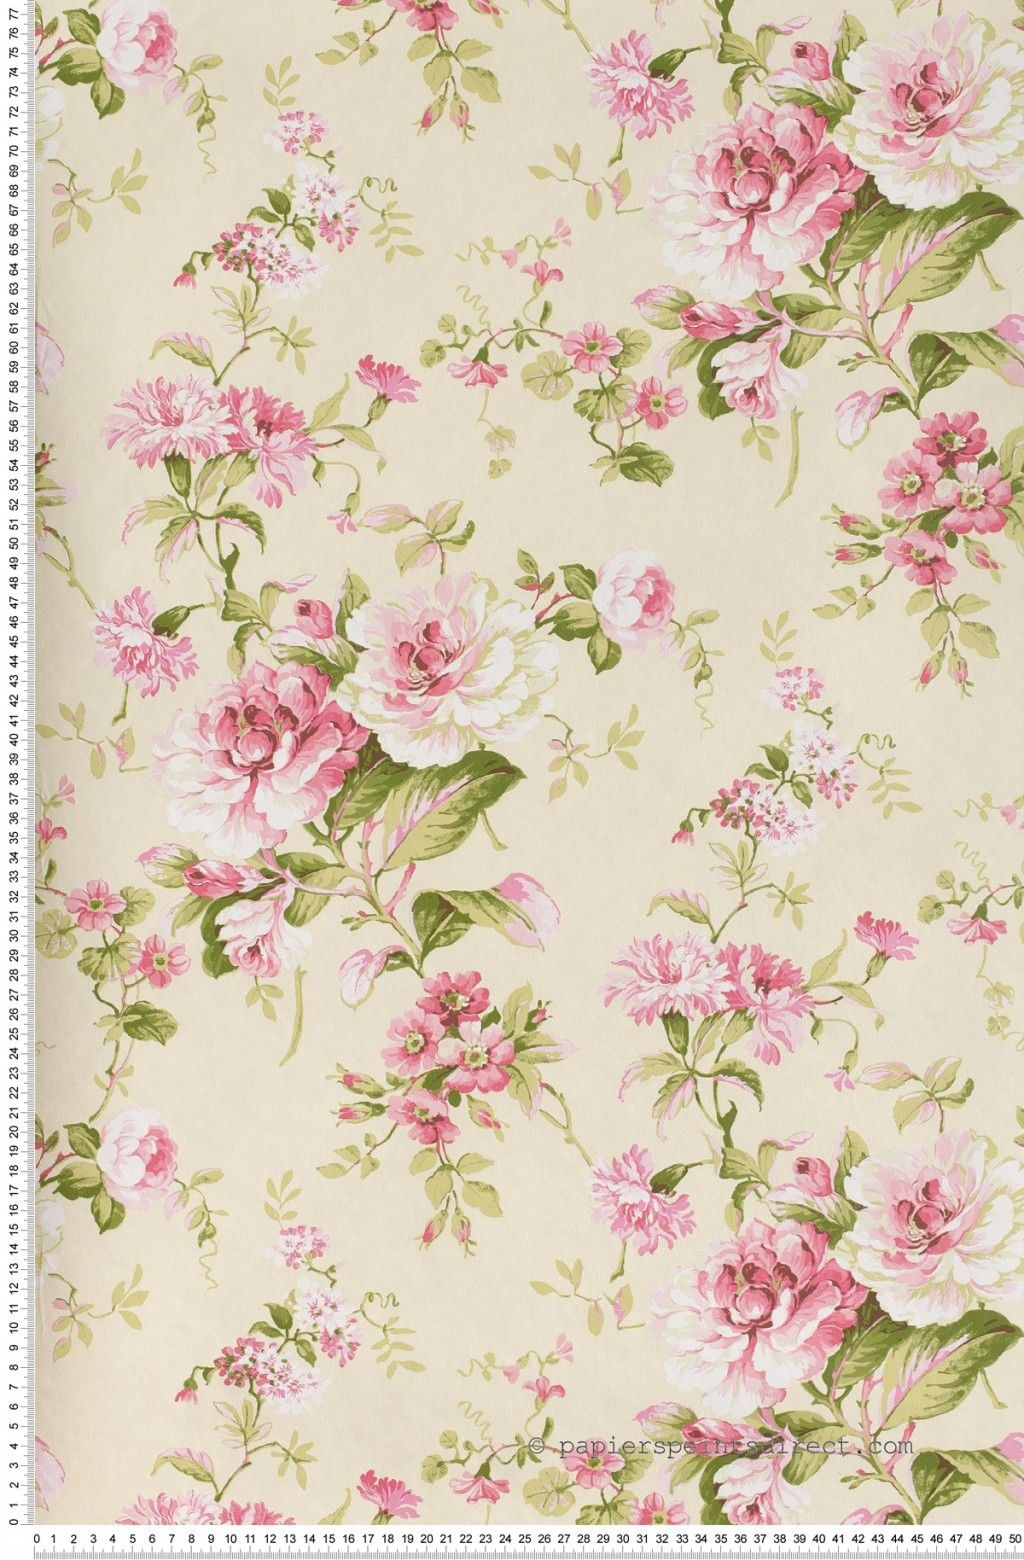 Fleurs classiques roses papier peint lut ce fonts pinterest shabby decoupage and wallpaper - Papier peint shabby chic ...